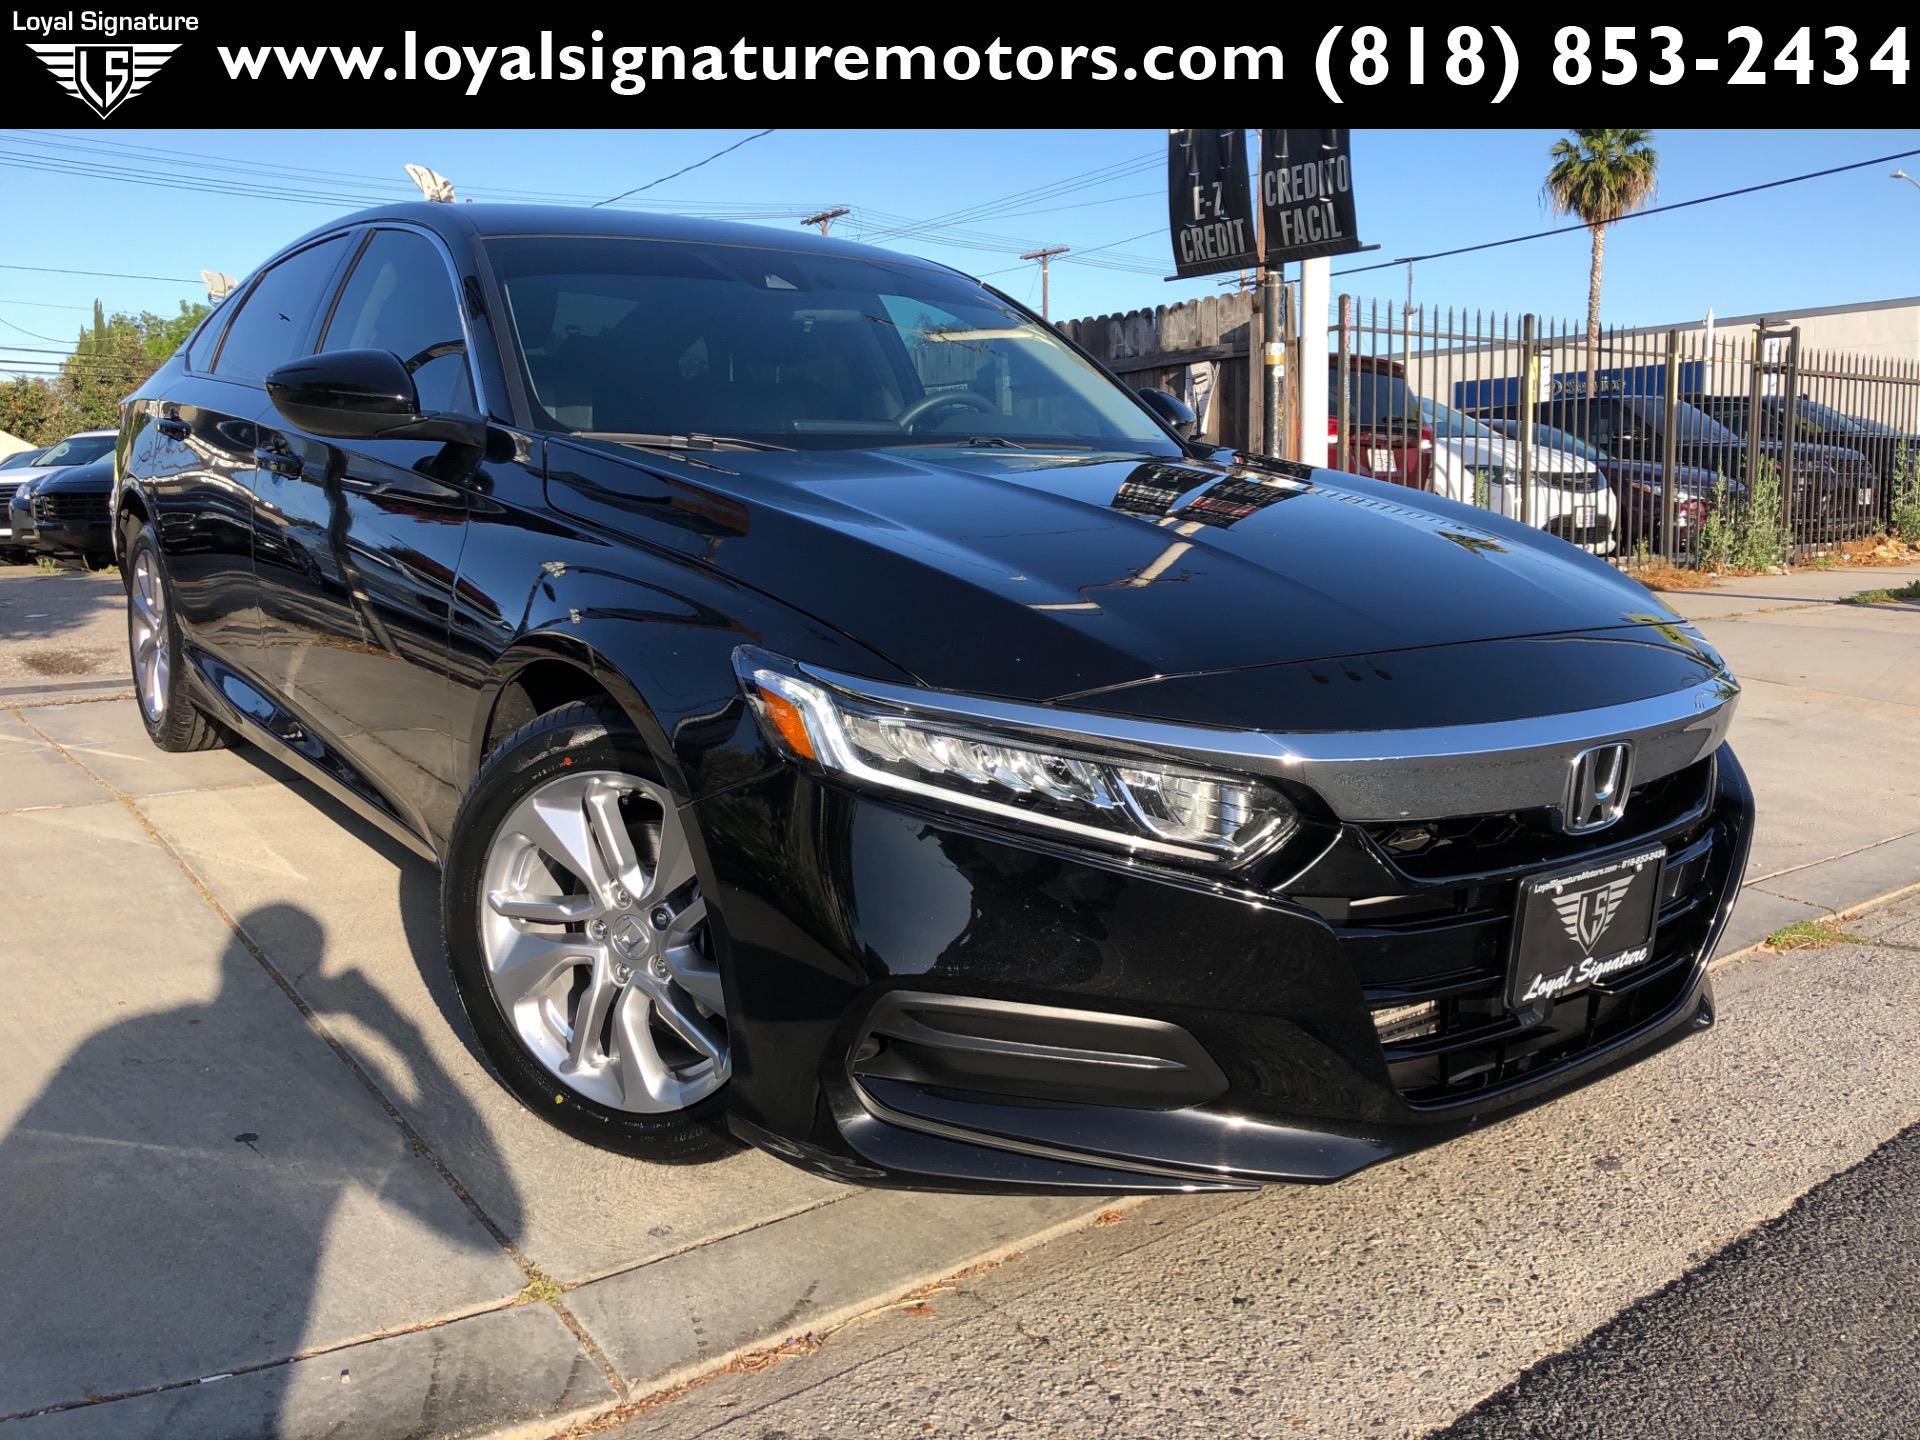 Used 2018 Honda Accord LX | Van Nuys, CA